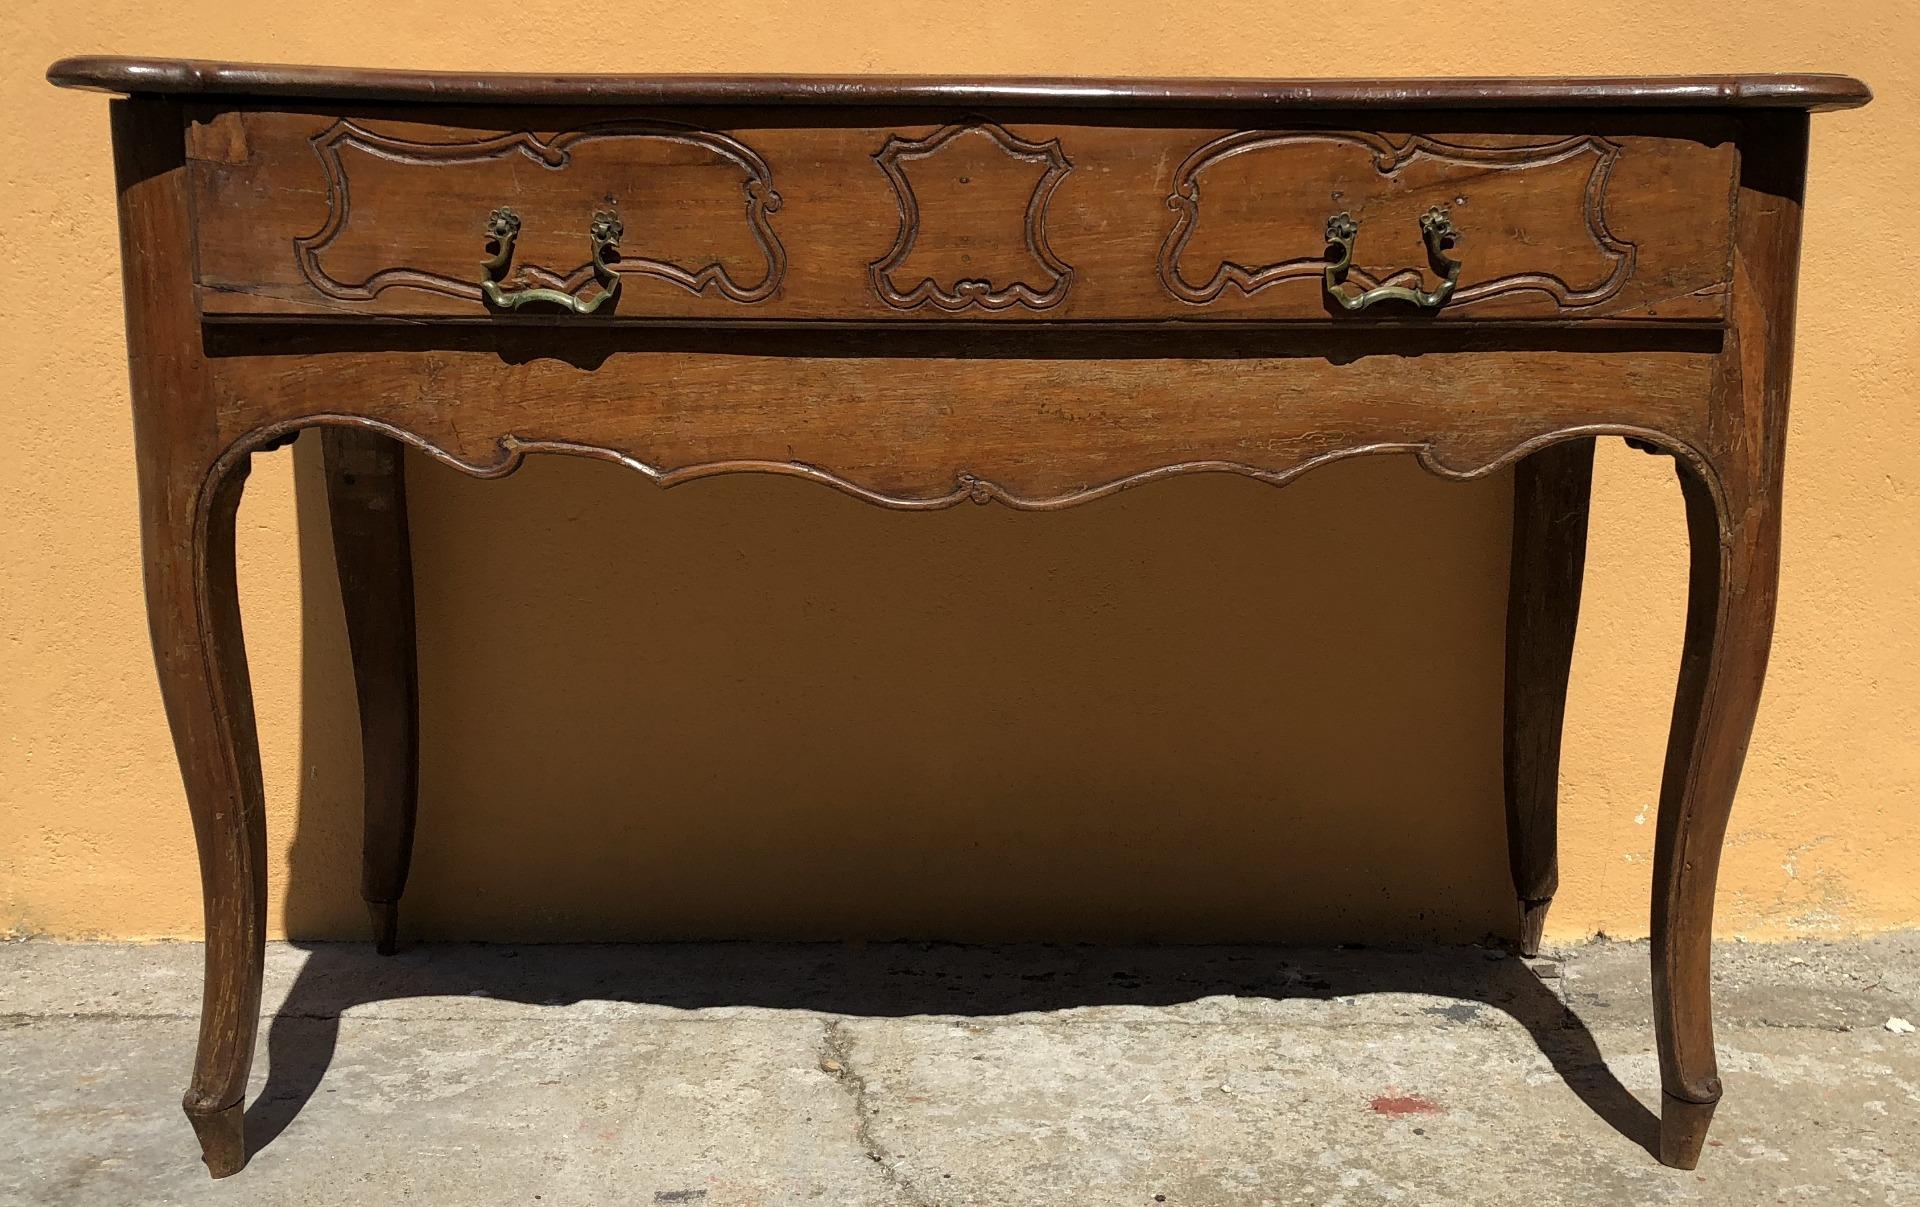 consolle in legno di noce del 1700 Reggio Emilia   Antiquariato su ...